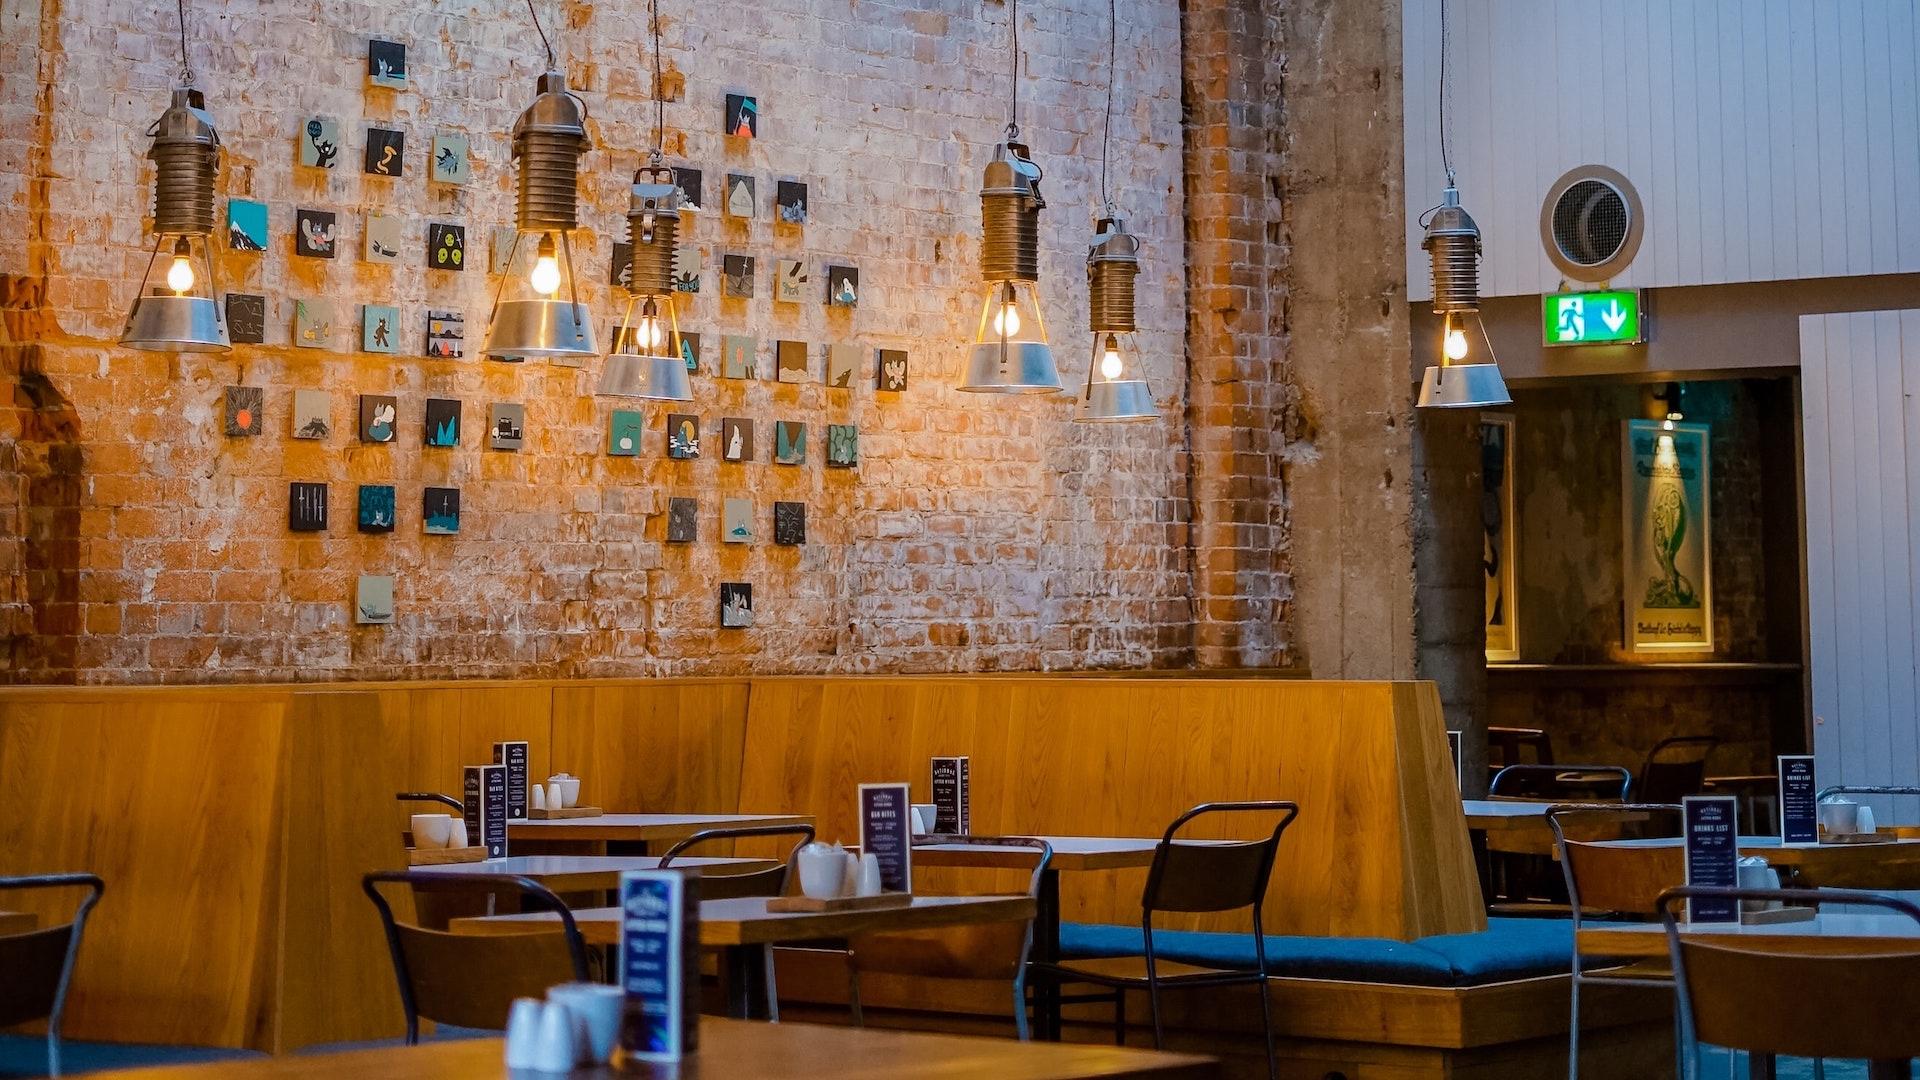 レンガの壁のカフェとテーブルの無料バーチャル背景素材